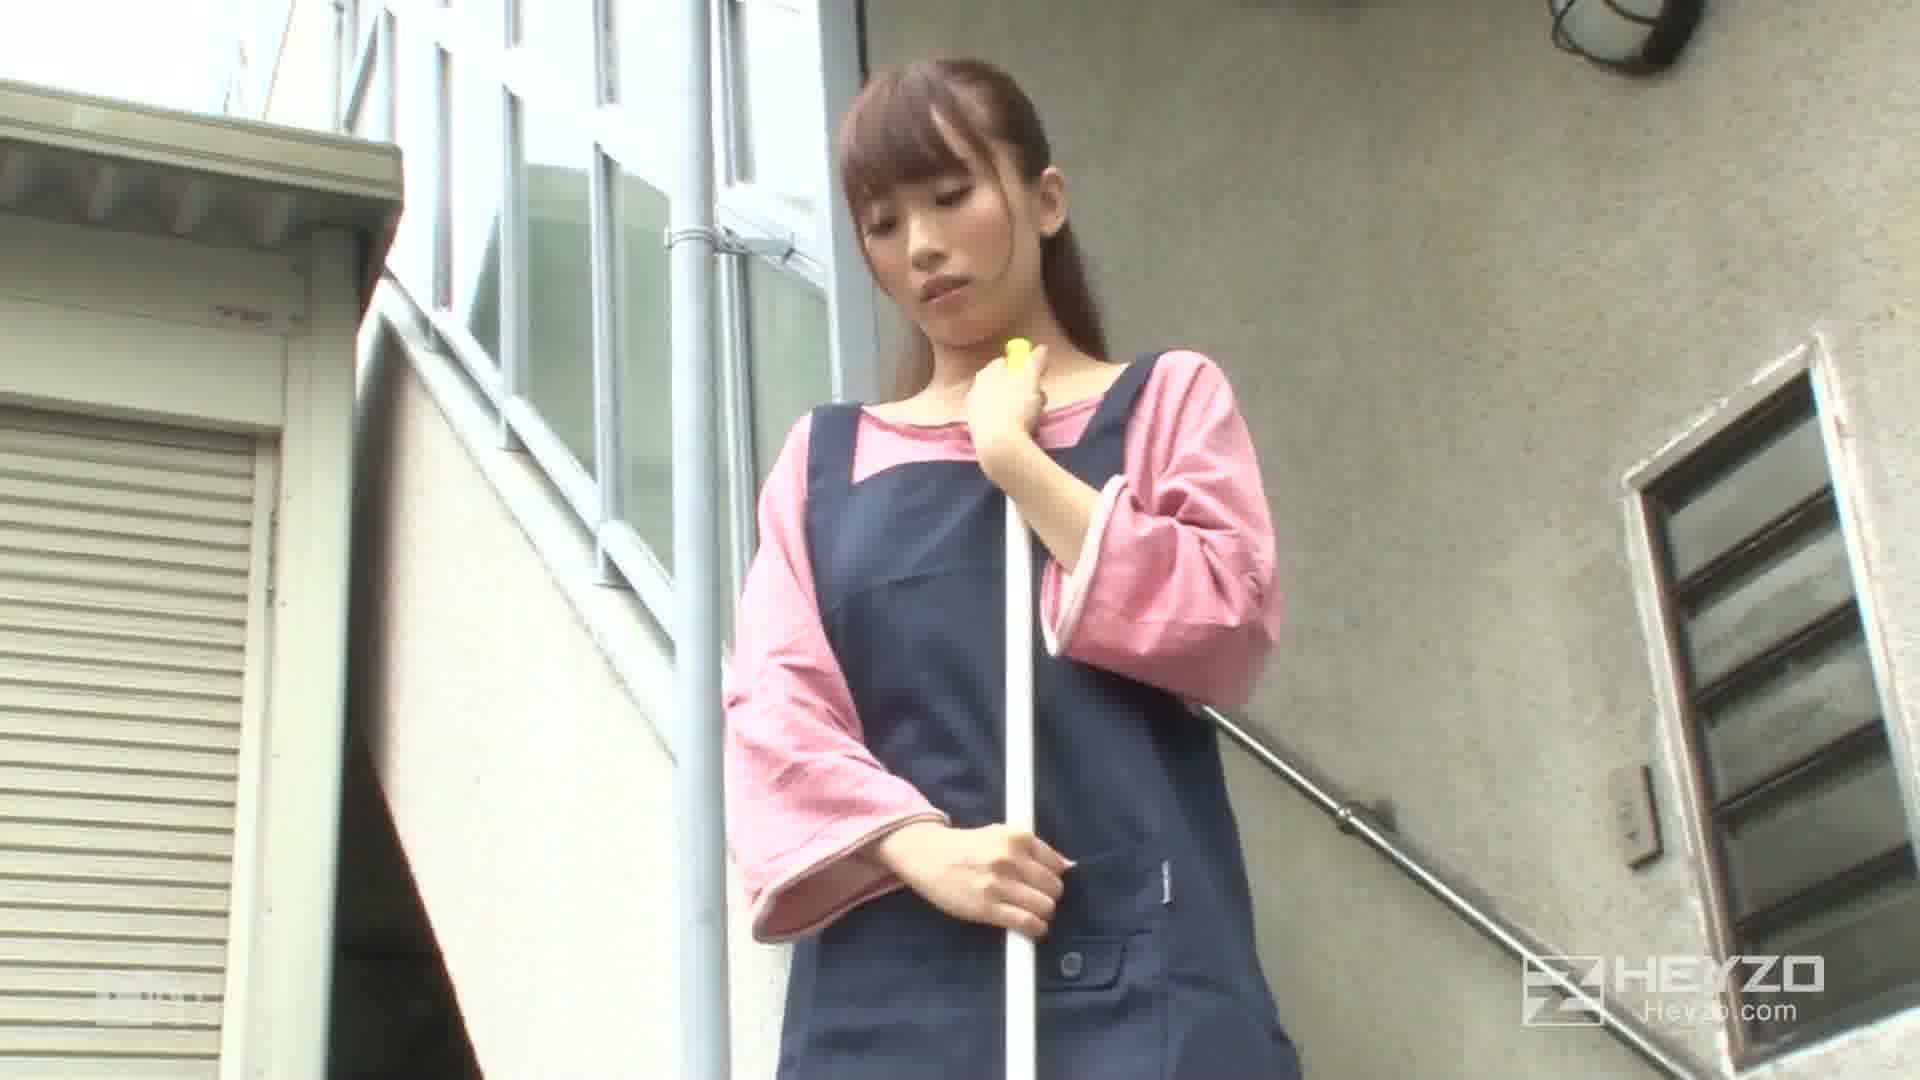 憧れの管理人は、欲しがり未亡人!~暴走するエクスタシー~ - 美咲結衣【フェラ抜き】